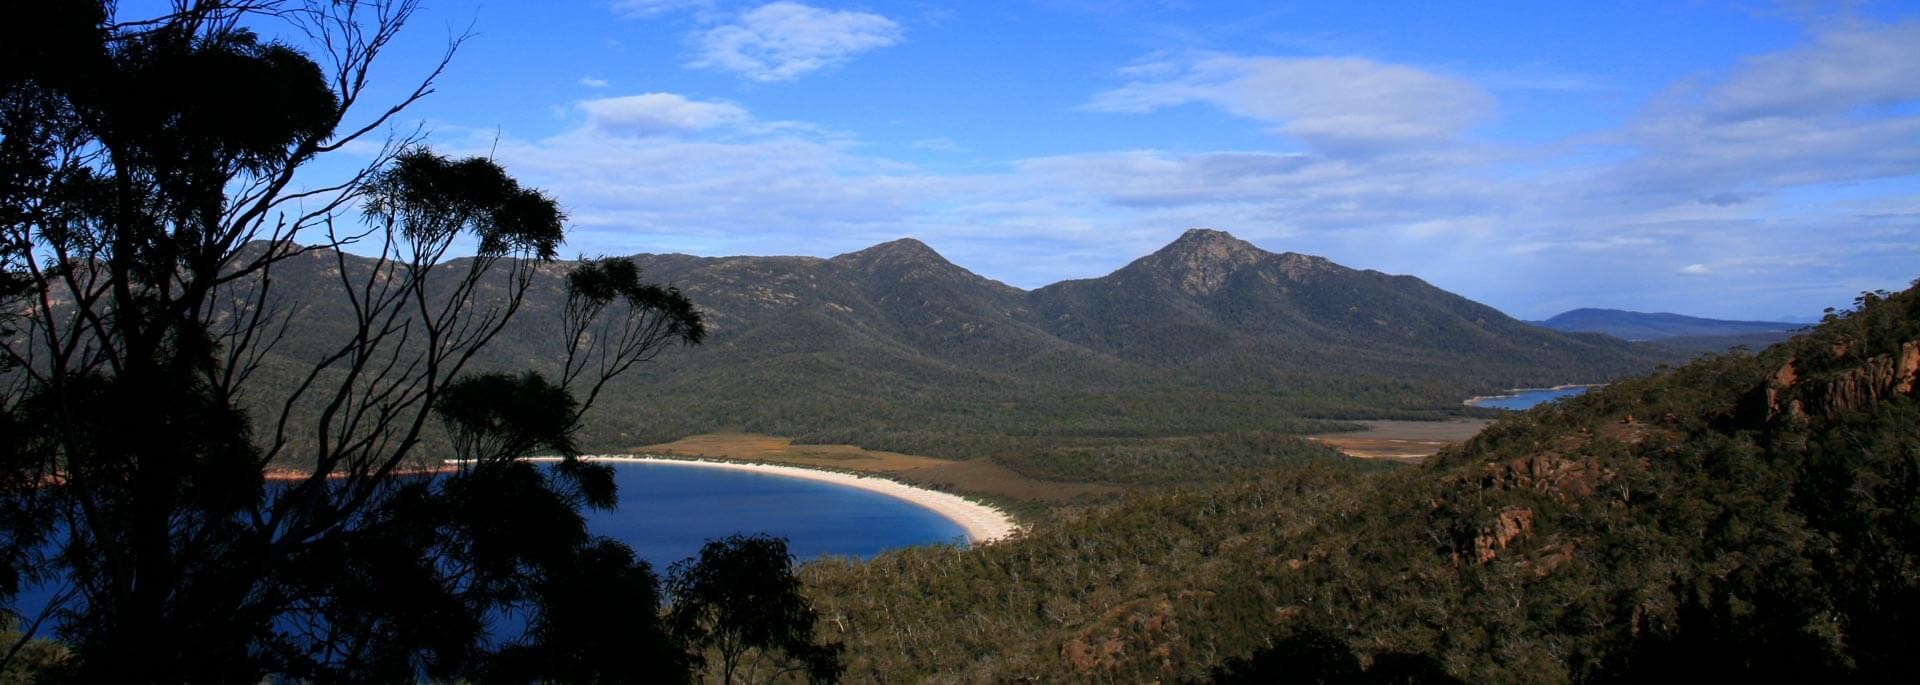 Wie ich zu Austern kajakte und die Wineglass Bay vom Berg aus sah